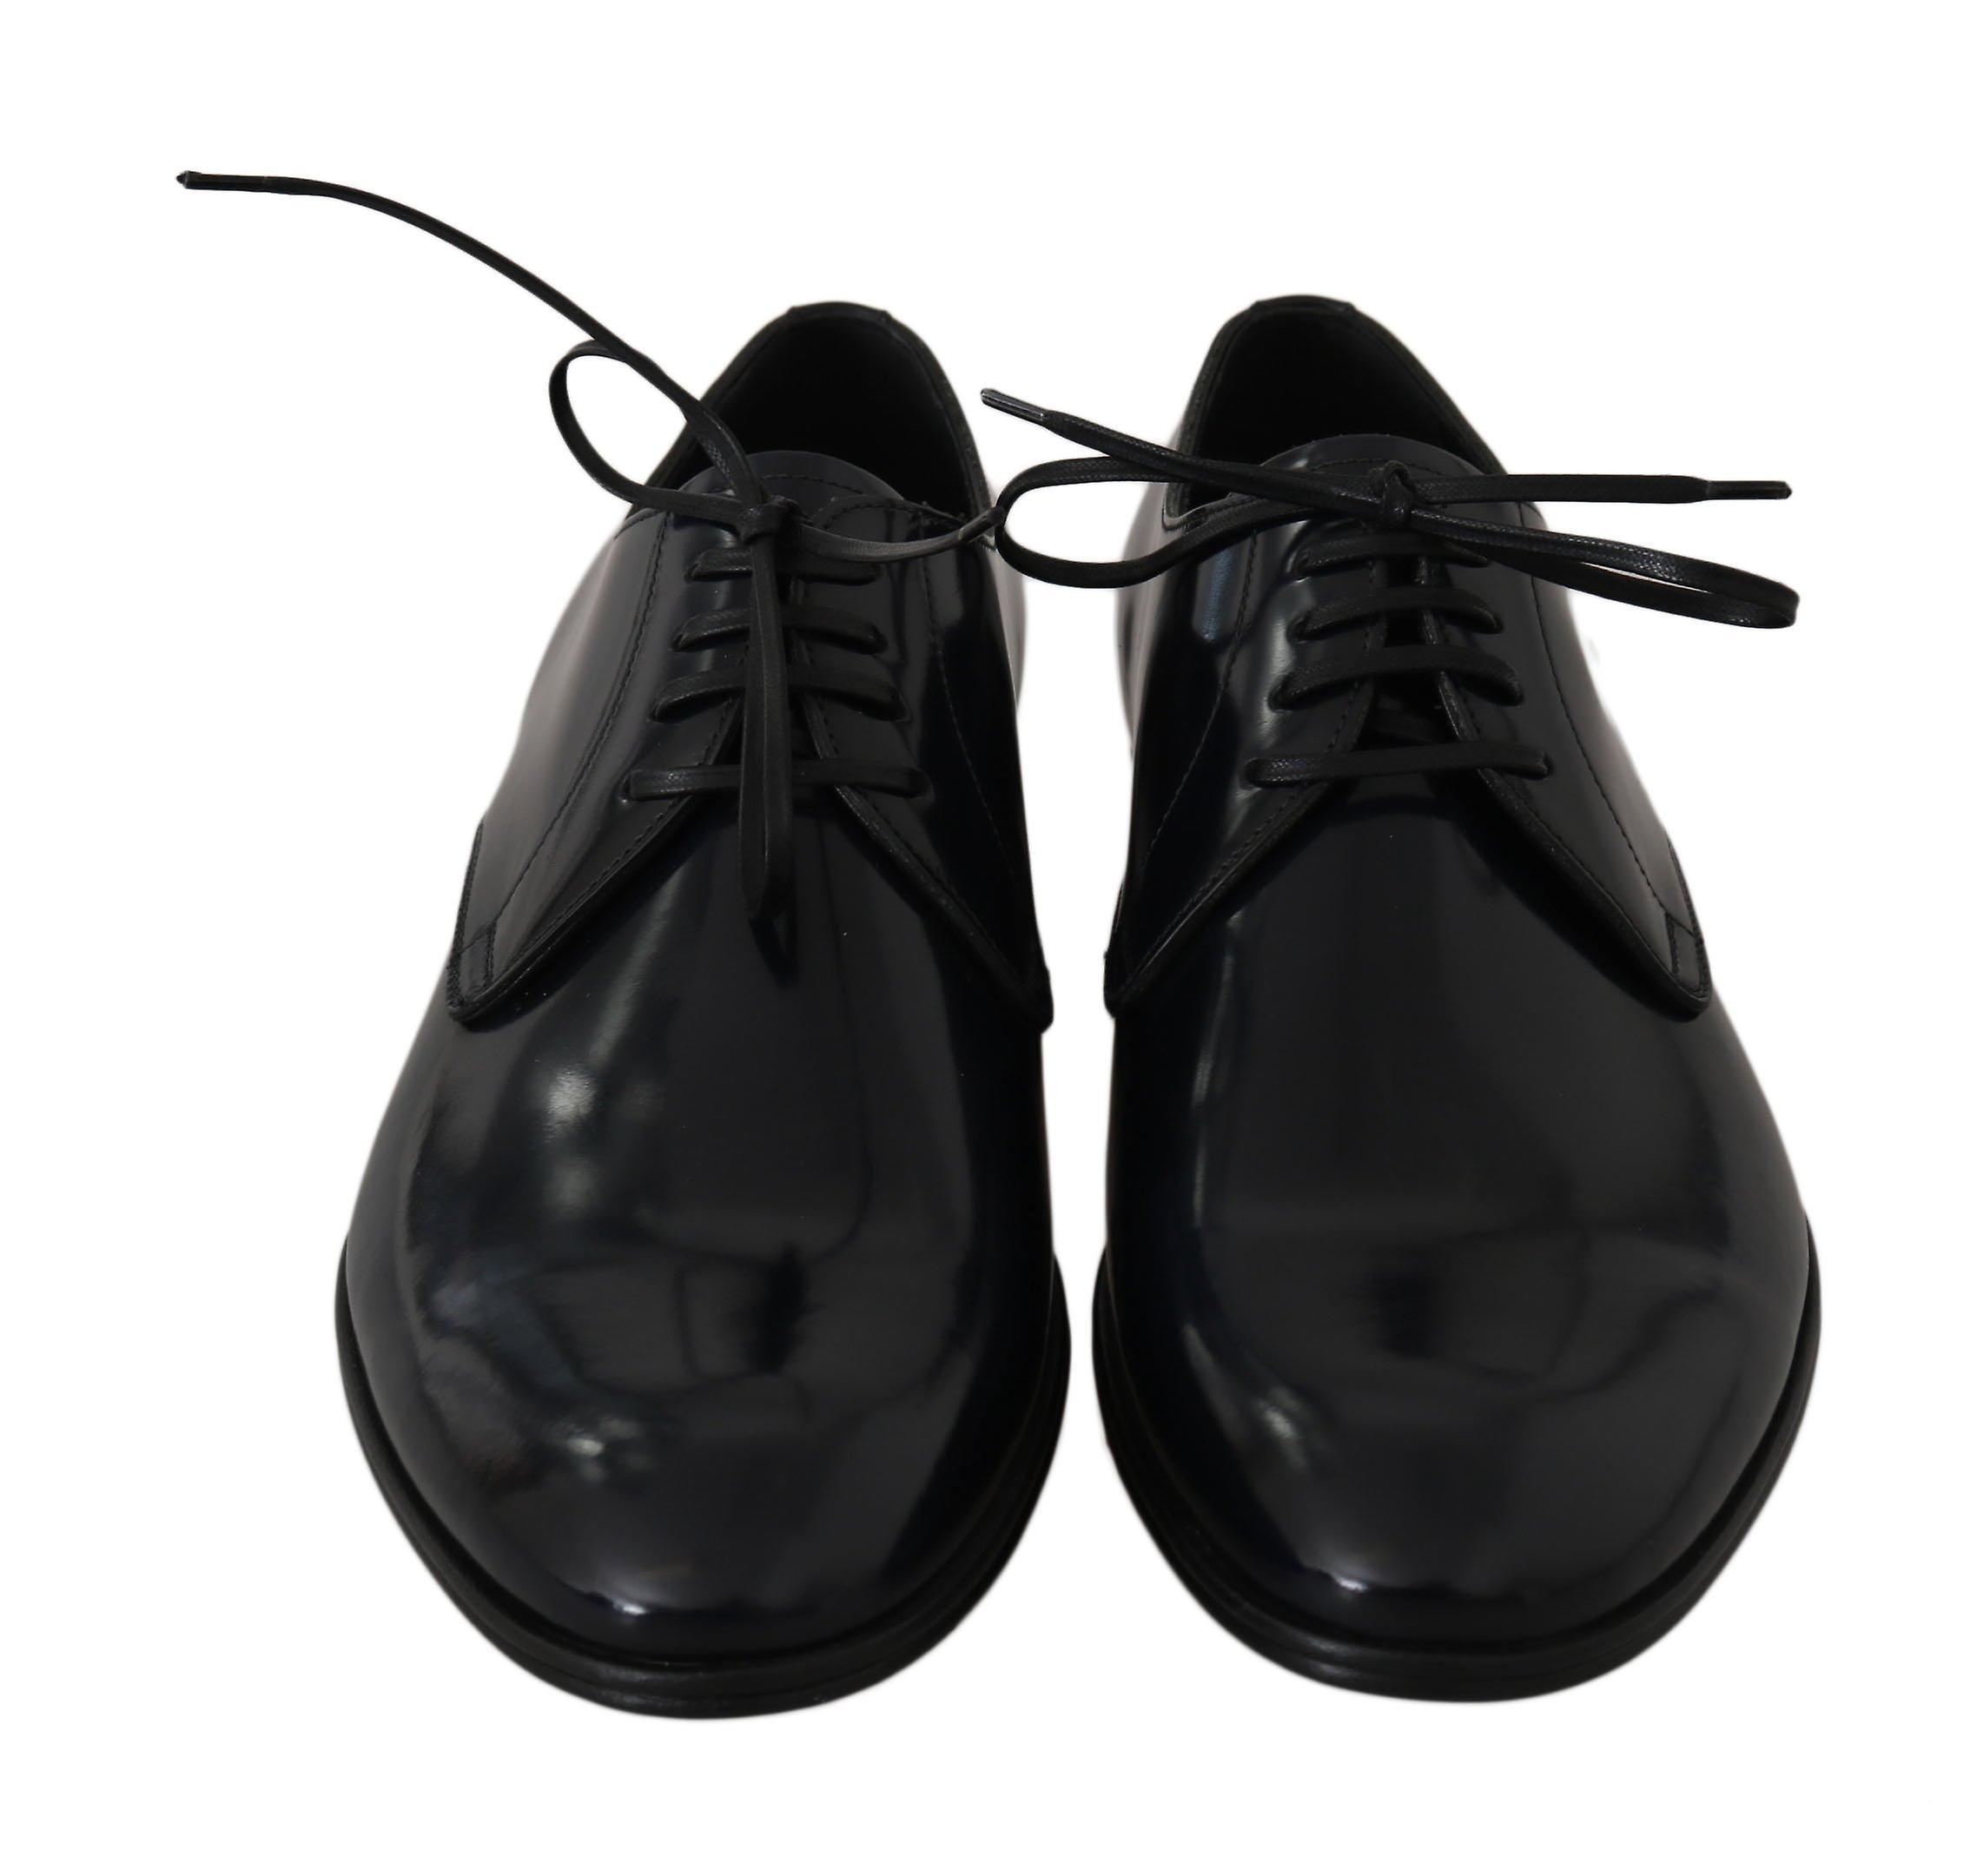 Dolce & Gabbana Blå Skinn Kjole Derby Formelle Menns Sko -- Mv23026736